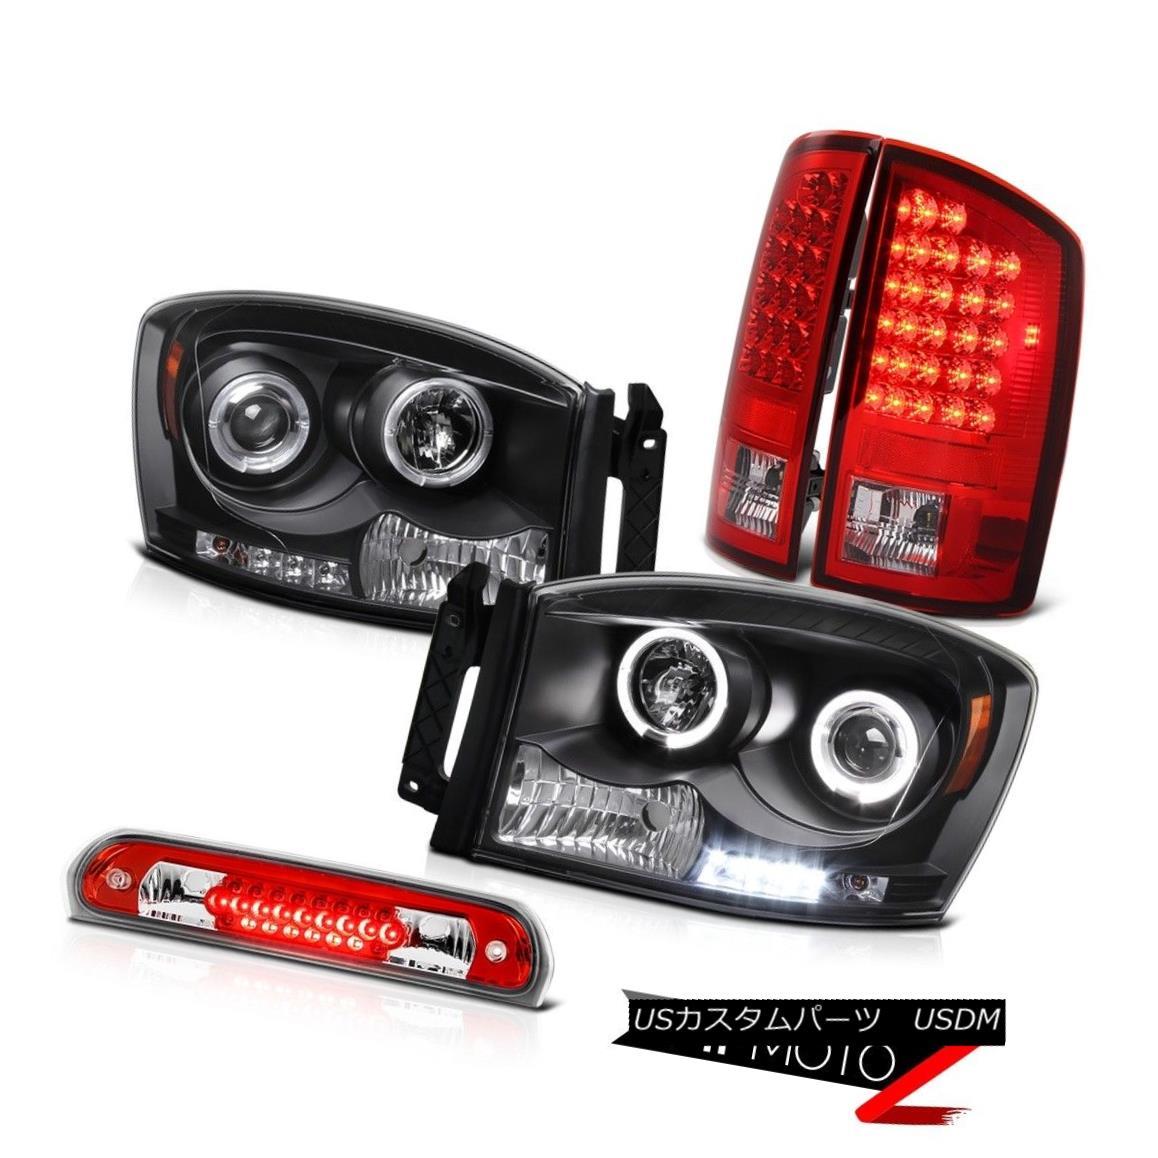 テールライト 2006 Dodge Ram ST Black Halo LED Projector Headlight Brake Tail Light High Cargo 2006ダッジラムSTブラックハローLEDプロジェクターヘッドライトブレーキテールライトハイカーゴ